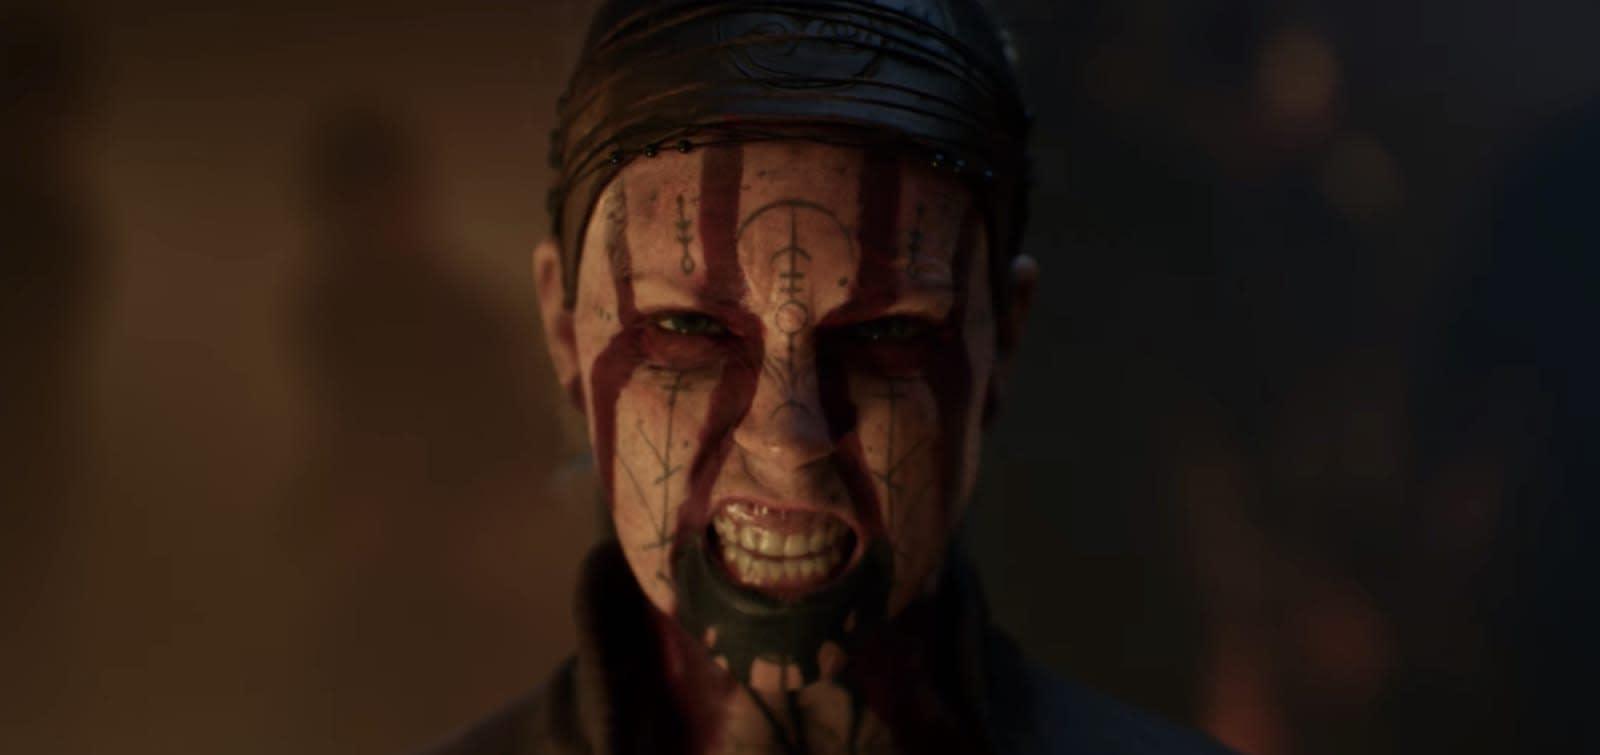 Watch 'Senua's Saga: Hellblade II' running on the new Xbox Series X